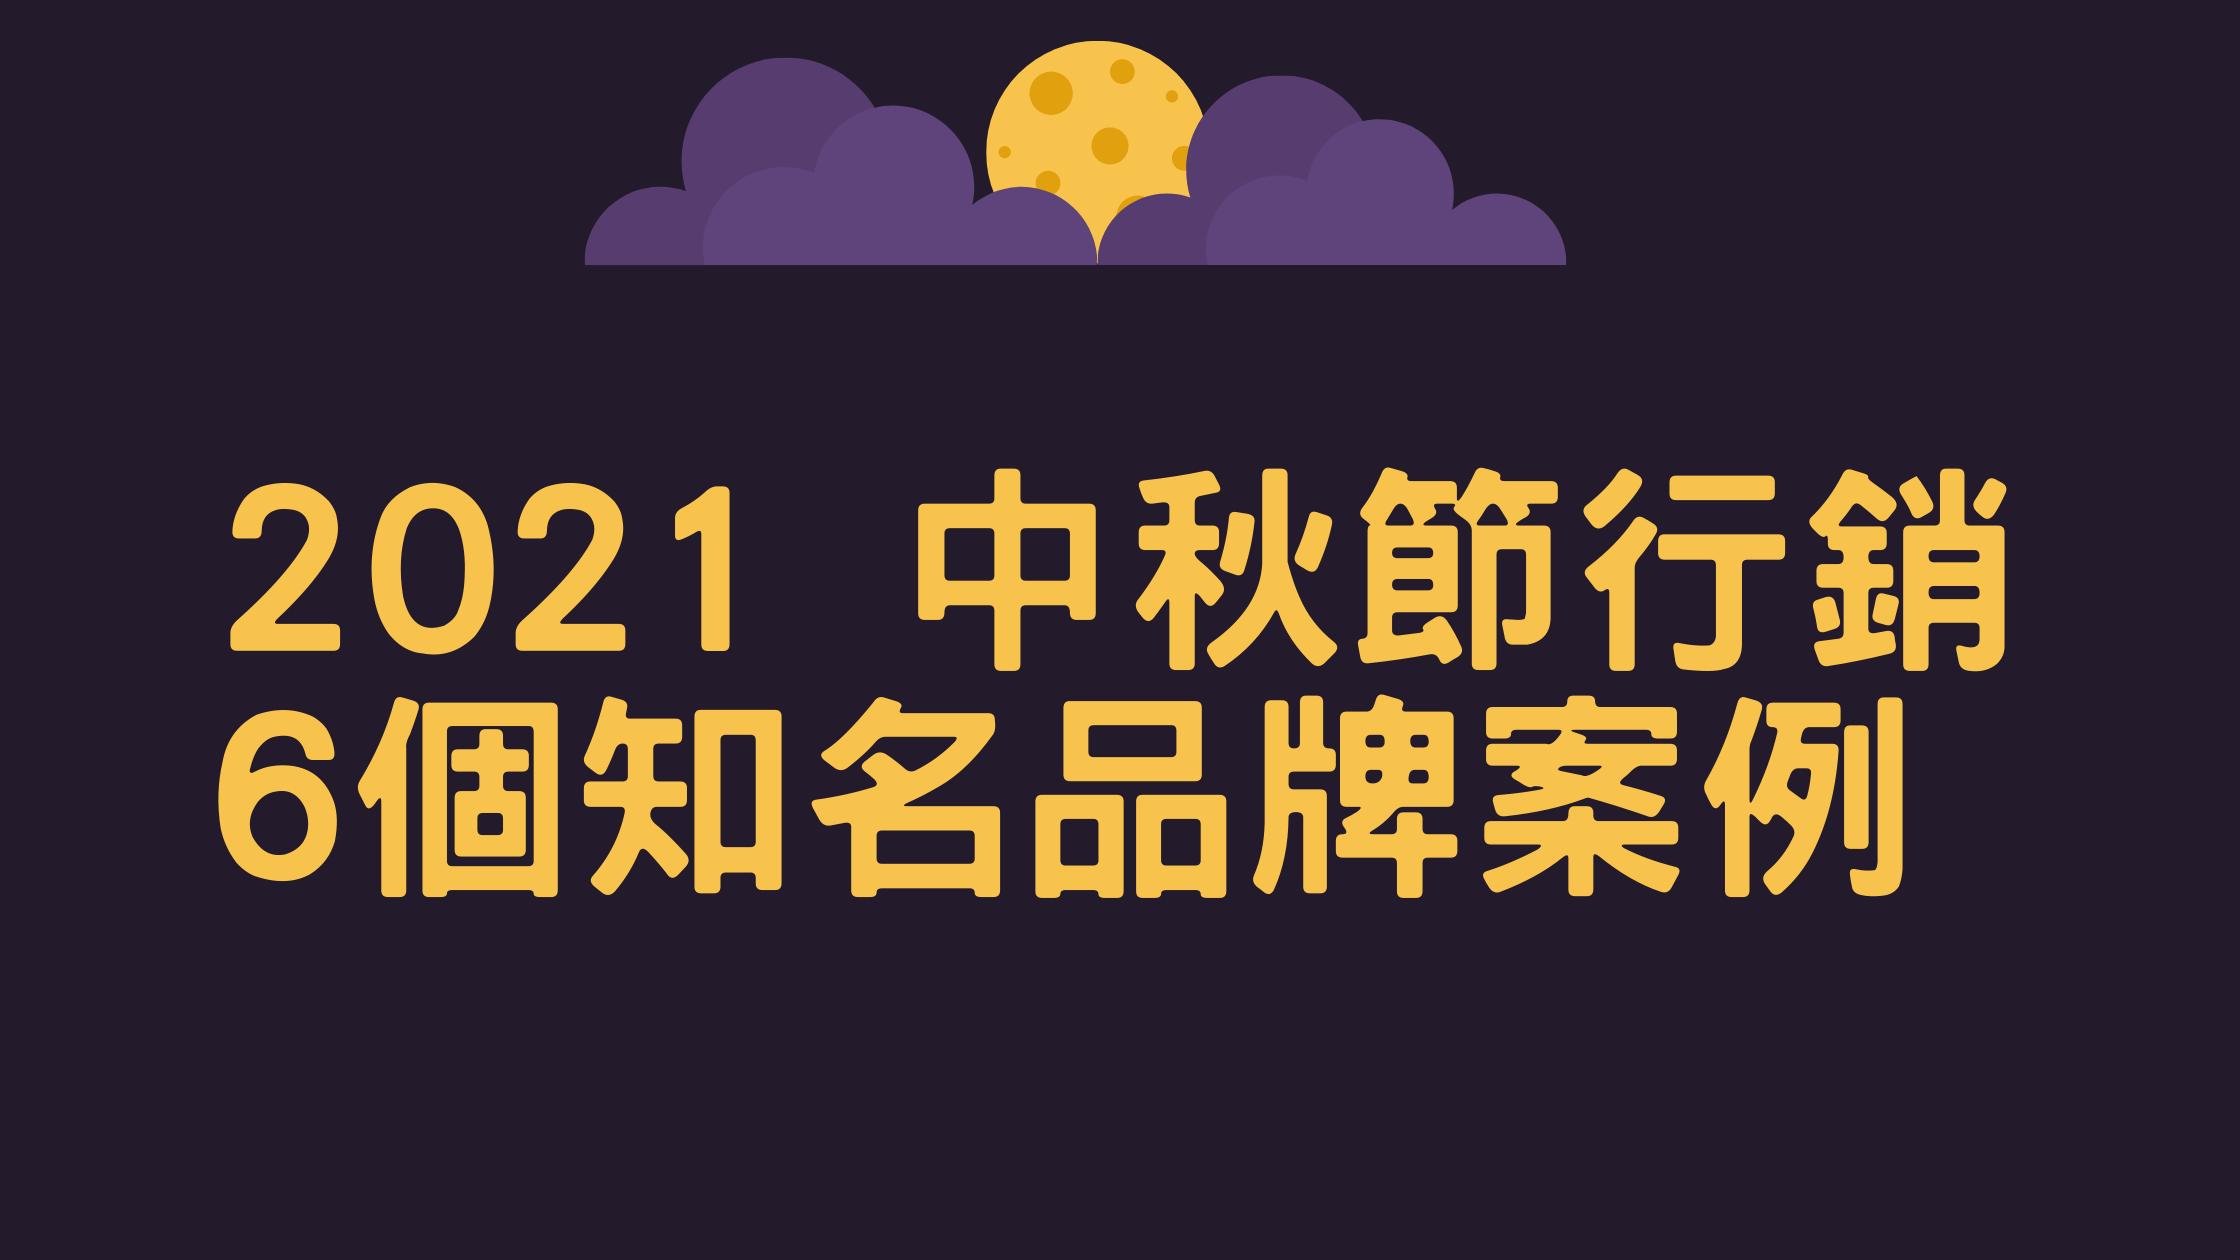 2021 中秋節行銷 6個知名品牌案例